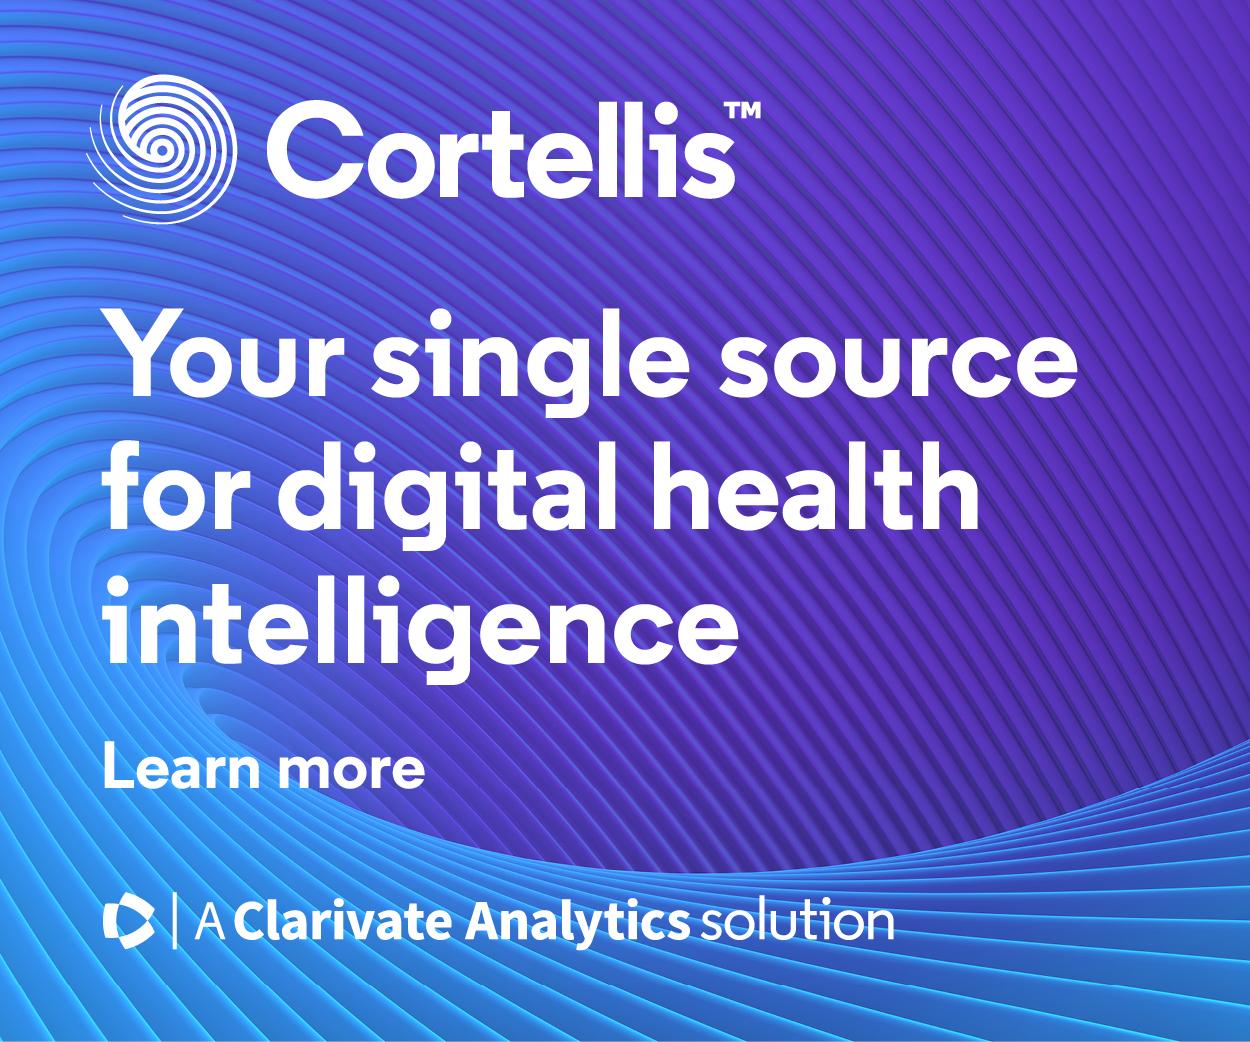 cortellis ad